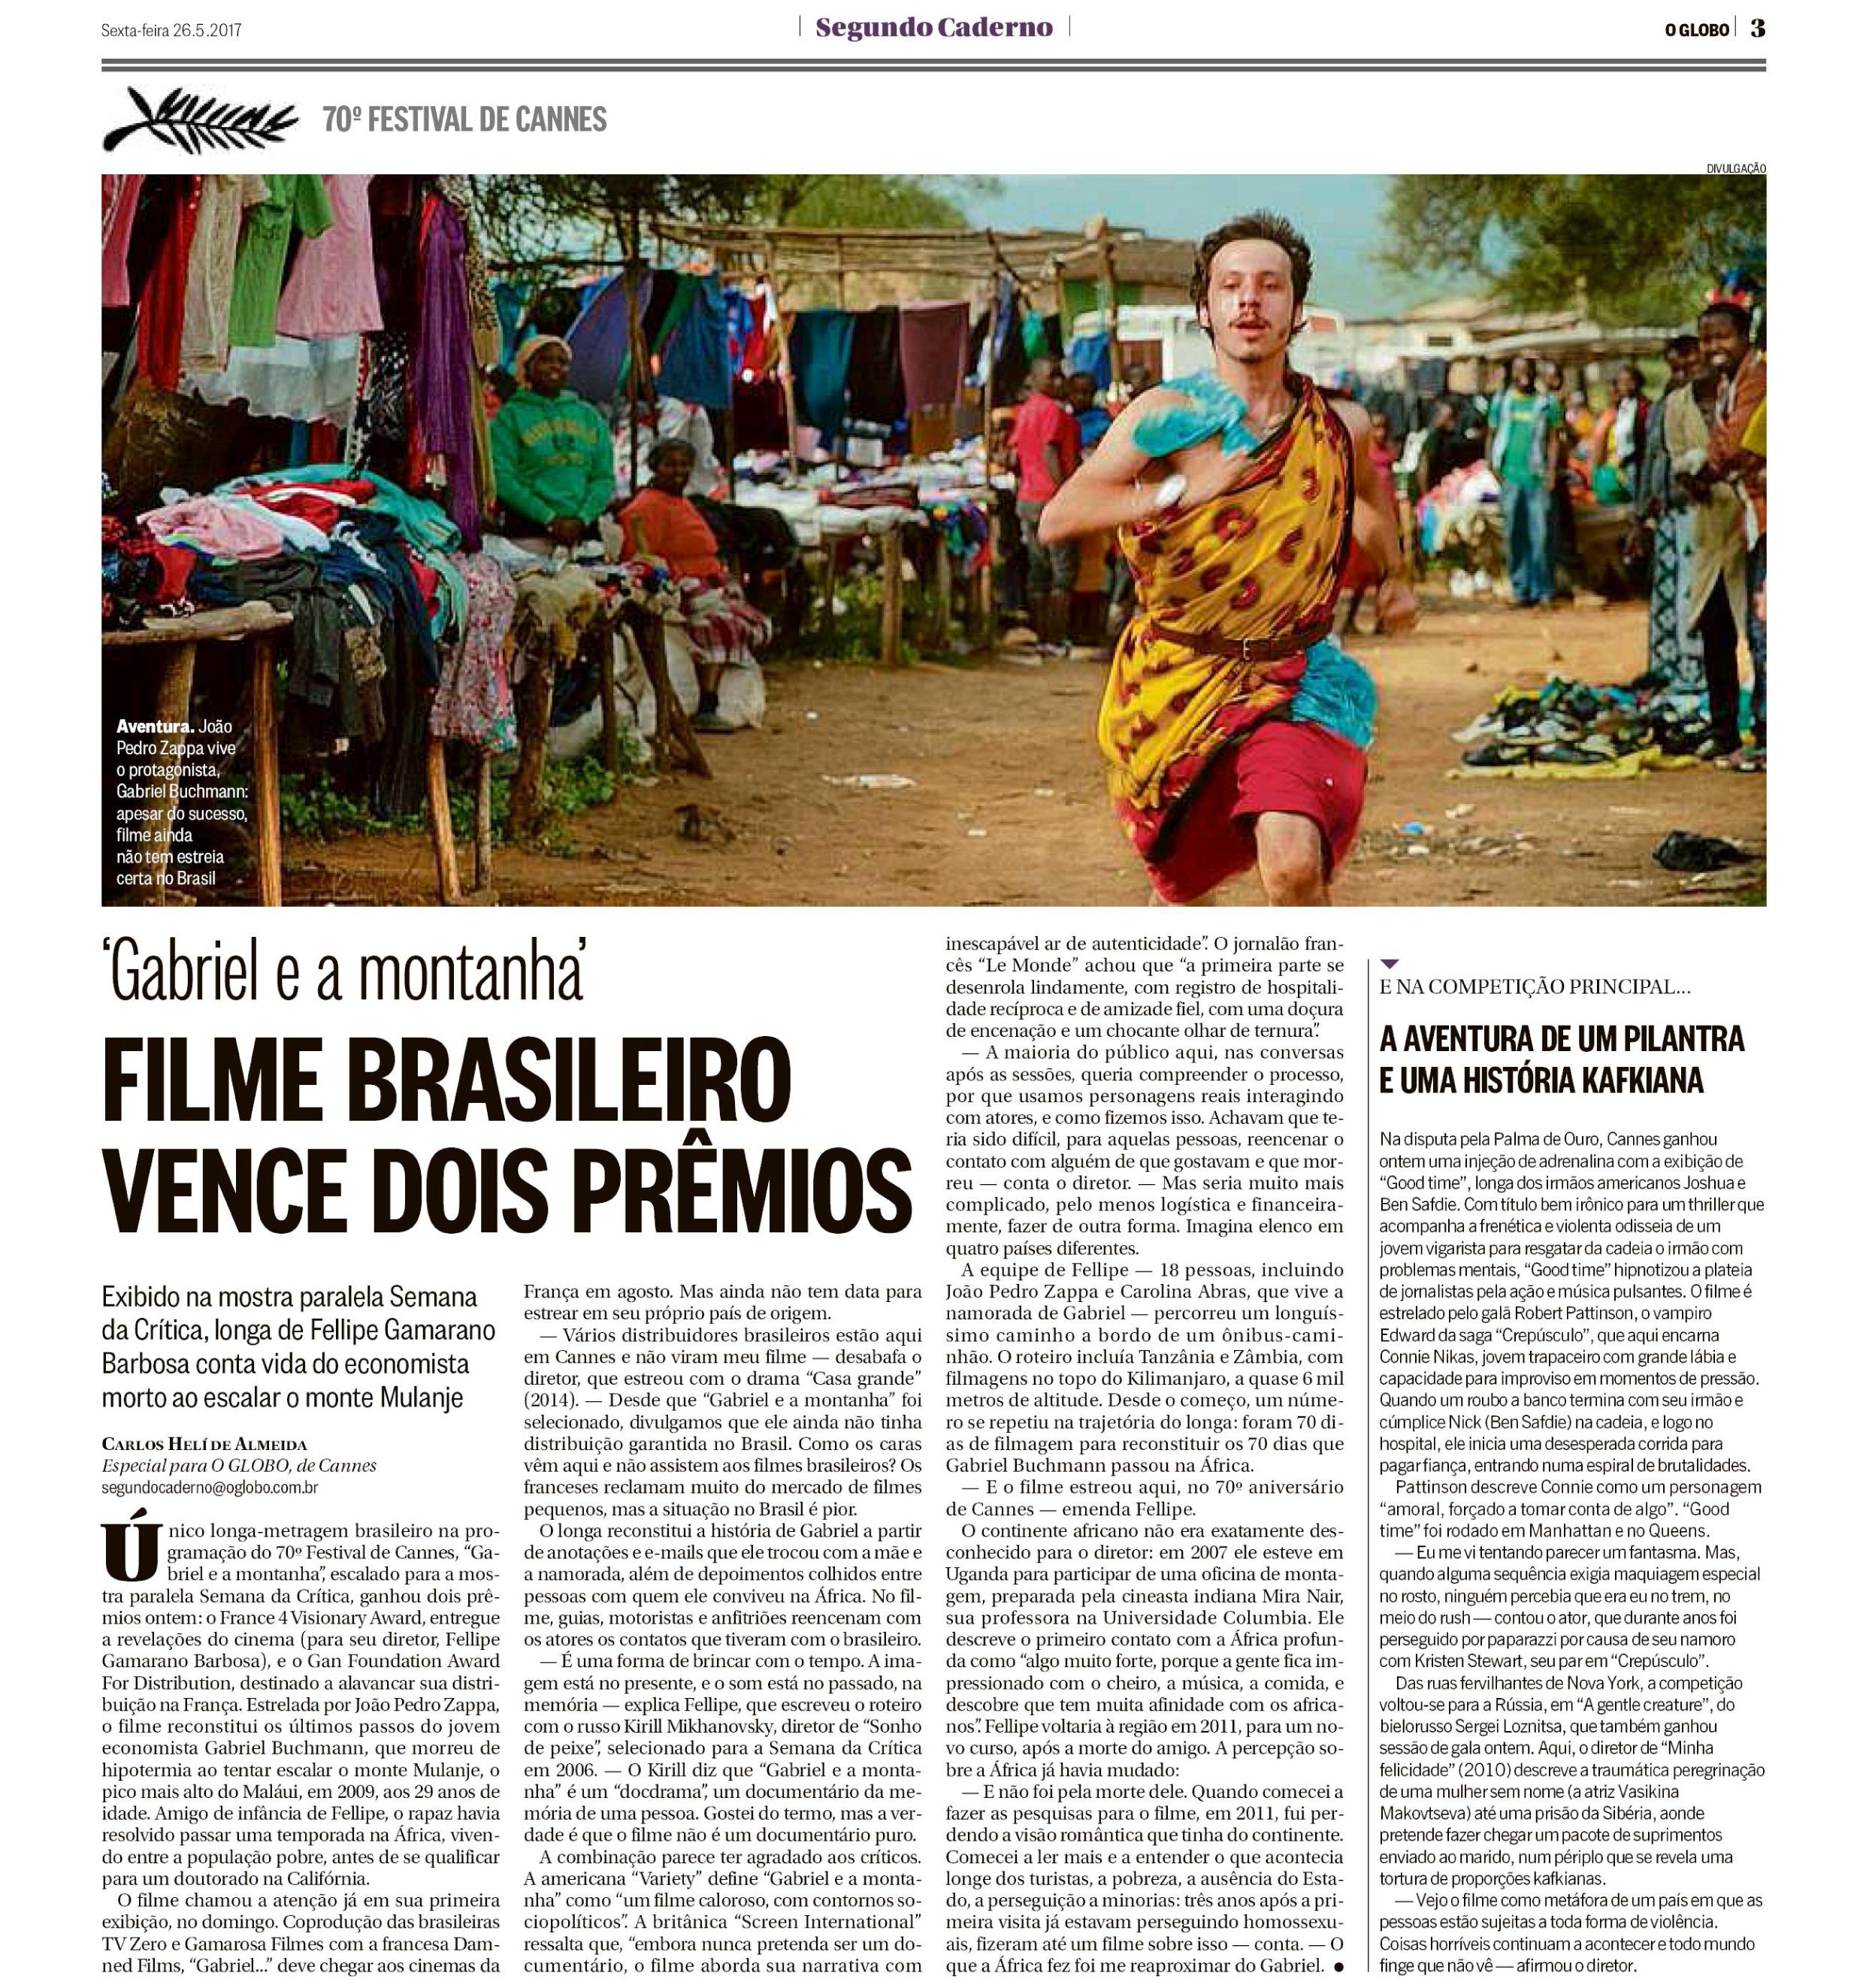 João Pedro Zappa no jornal O Globo.